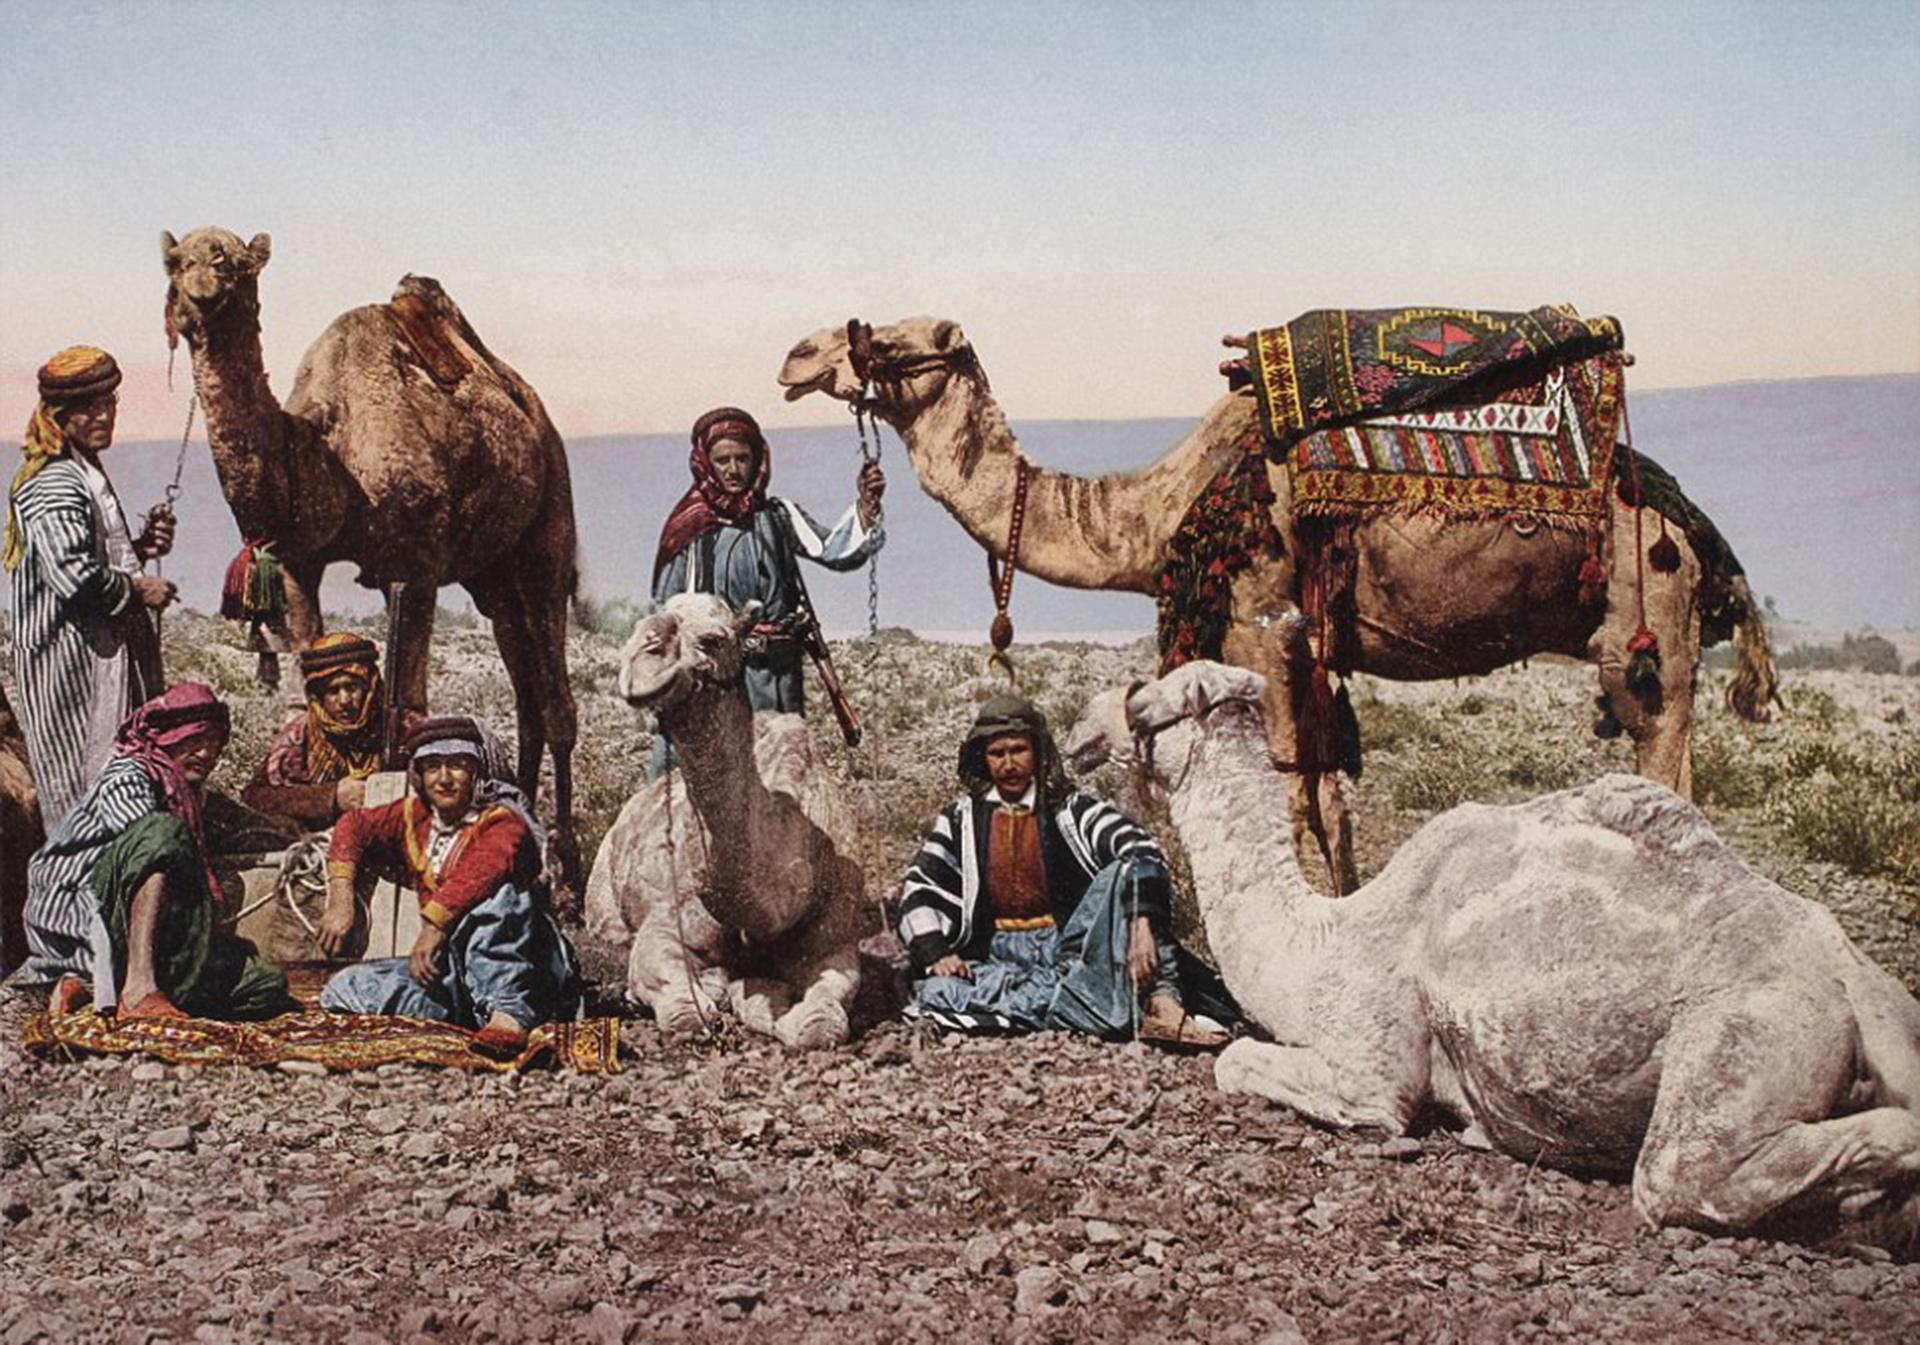 La escena fue capturada en el desierto de Siria, en 1895. Muestra nativos con sus camellos